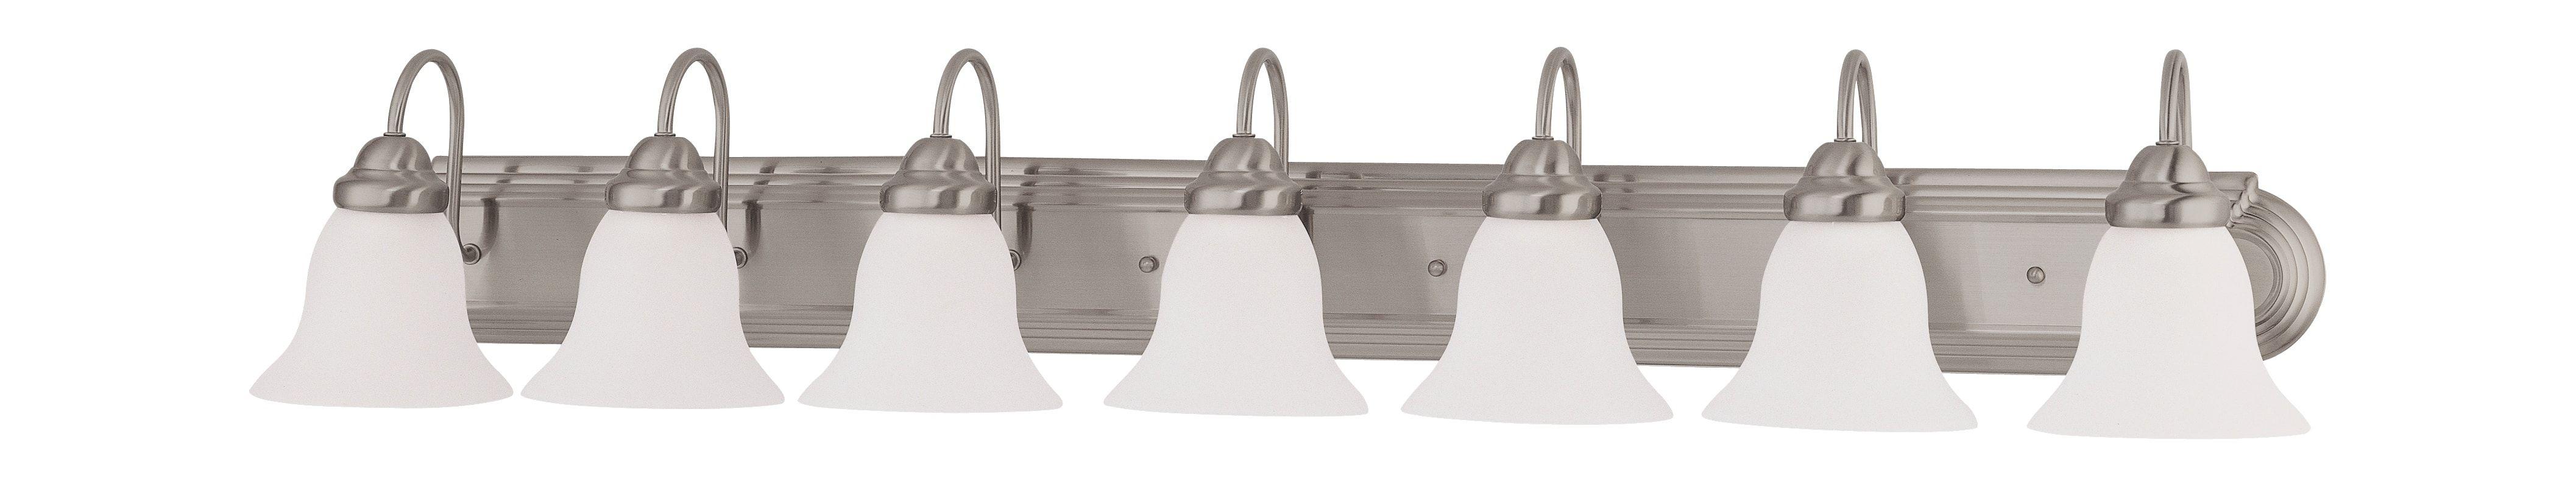 Nuvo Lighting 60/3283 | Vanity light fixtures, Vanity ...